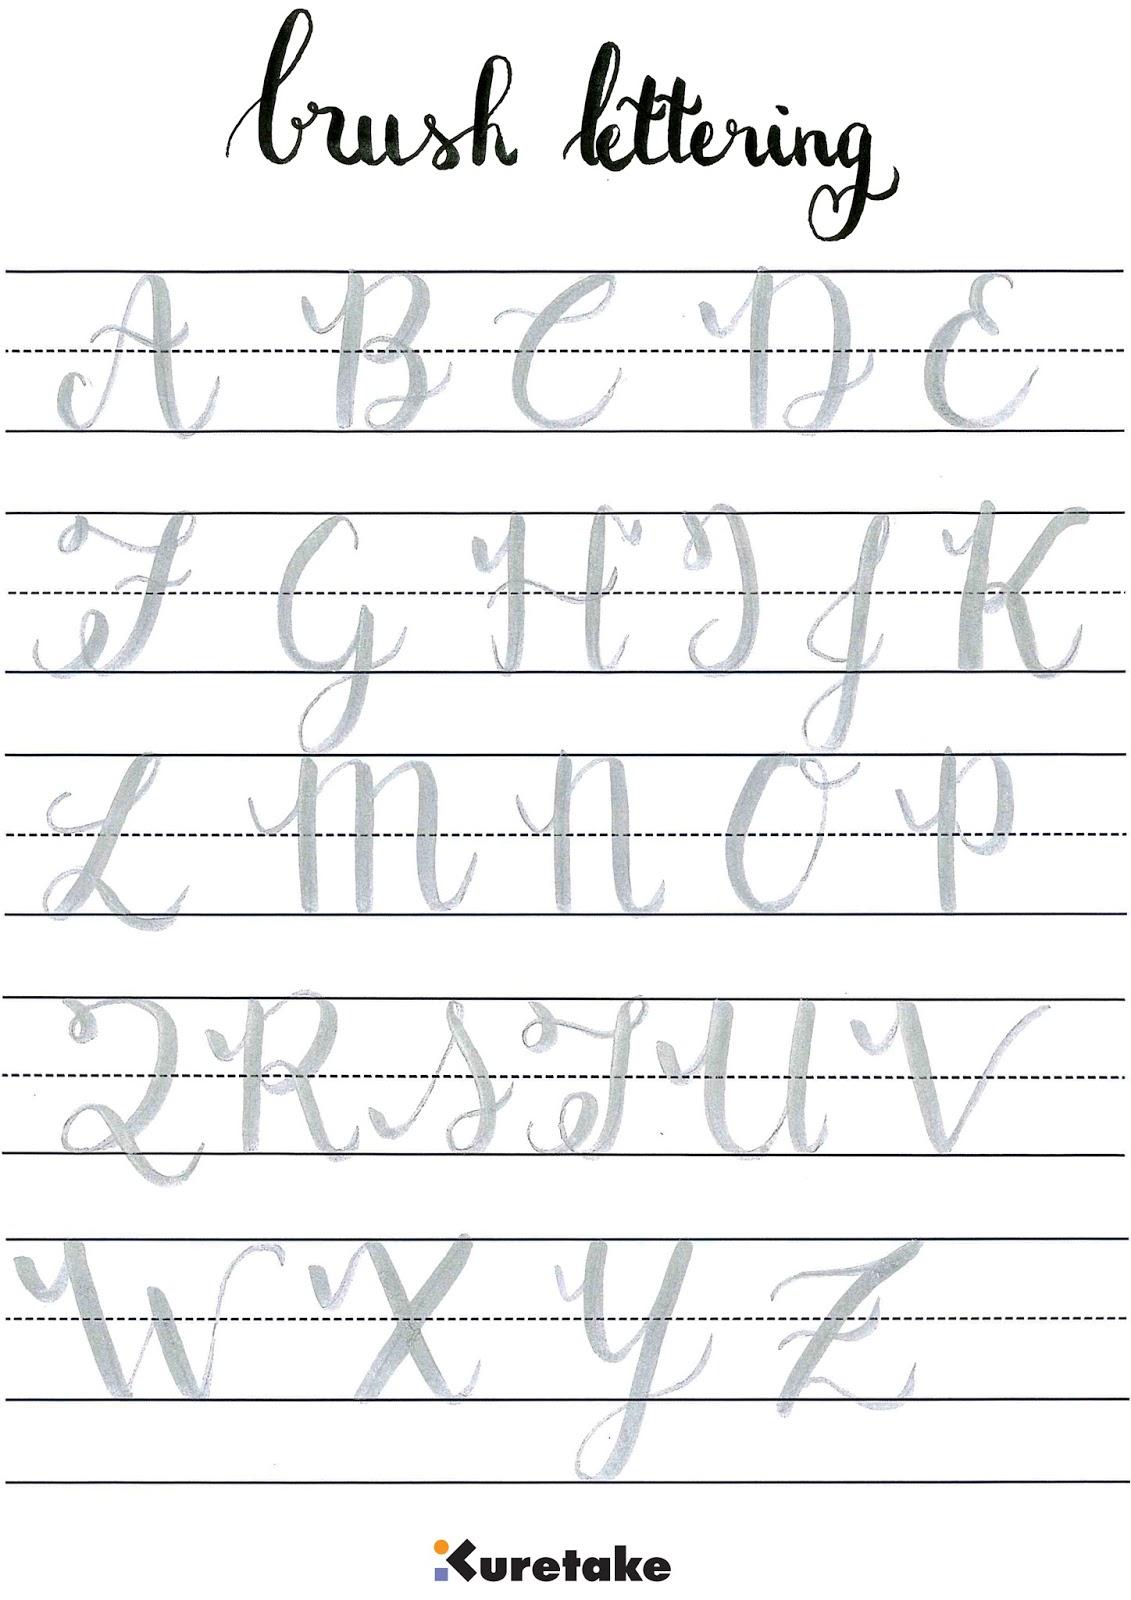 Kuretake uk how to do brush lettering